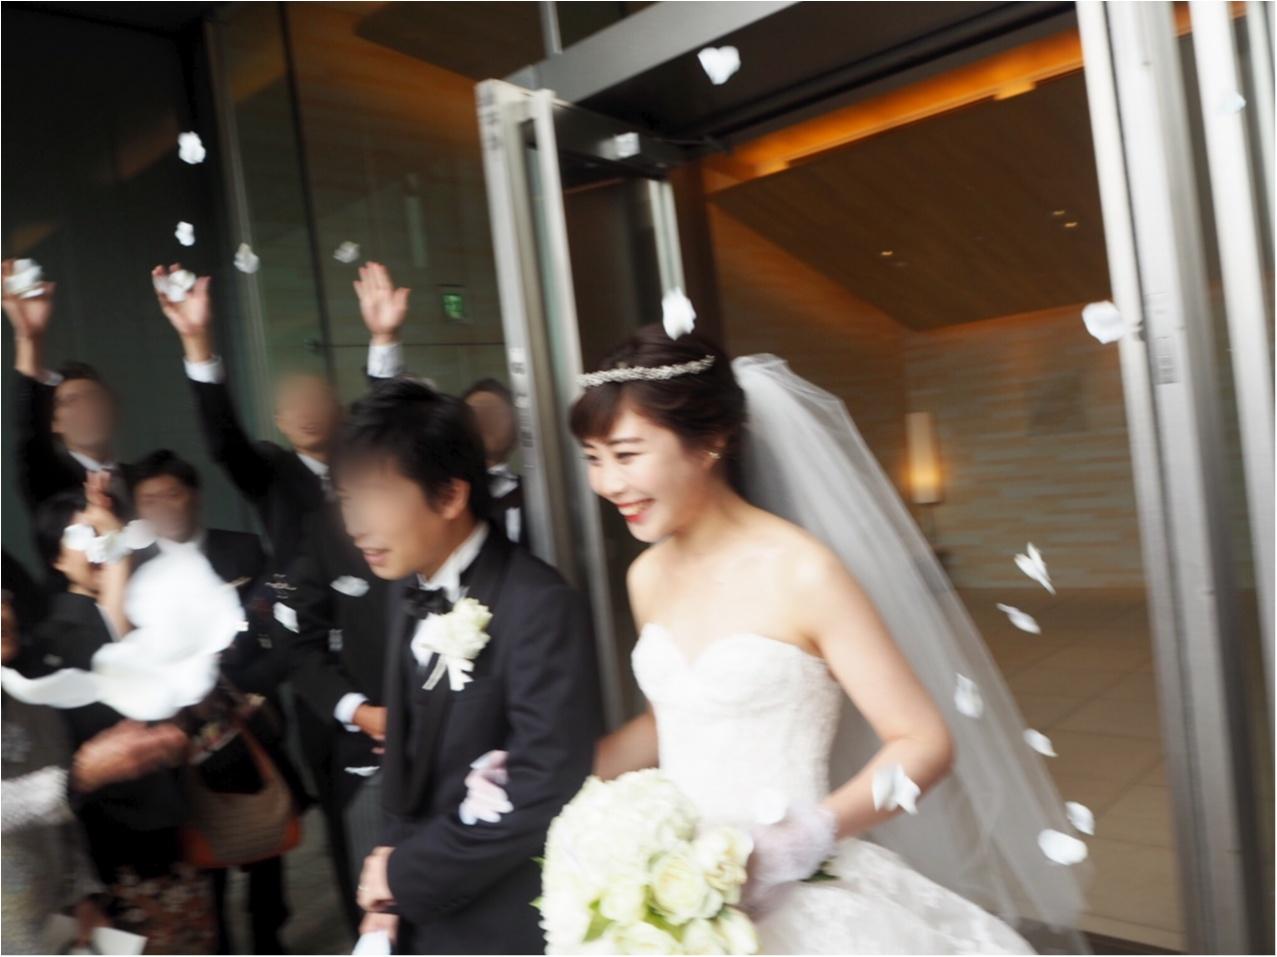 【パレスホテル東京】MOREインフルエンサーNo.600 asuちゃんの素敵な結婚式❤︎_3